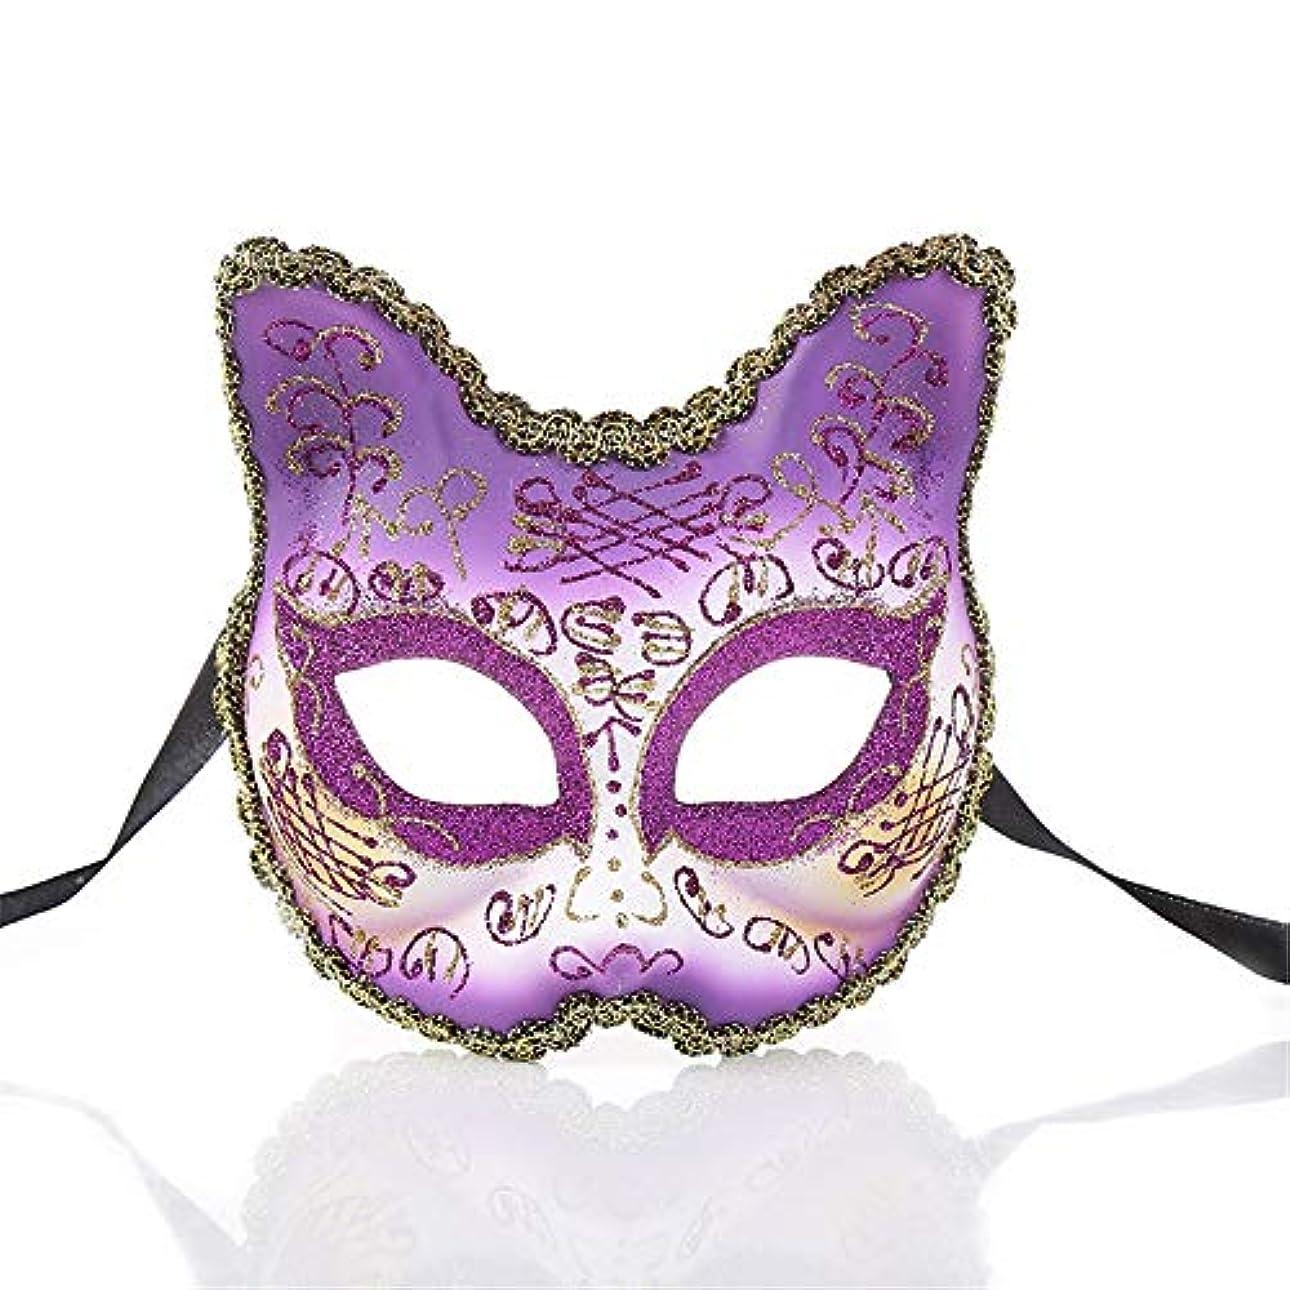 プラットフォームブラウンバーゲンダンスマスク ワイルドマスカレードロールプレイングパーティーの小道具ナイトクラブのマスクの雰囲気クリスマスフェスティバルロールプレイングプラスチックマスク パーティーマスク (色 : 紫の, サイズ : 13x13cm)